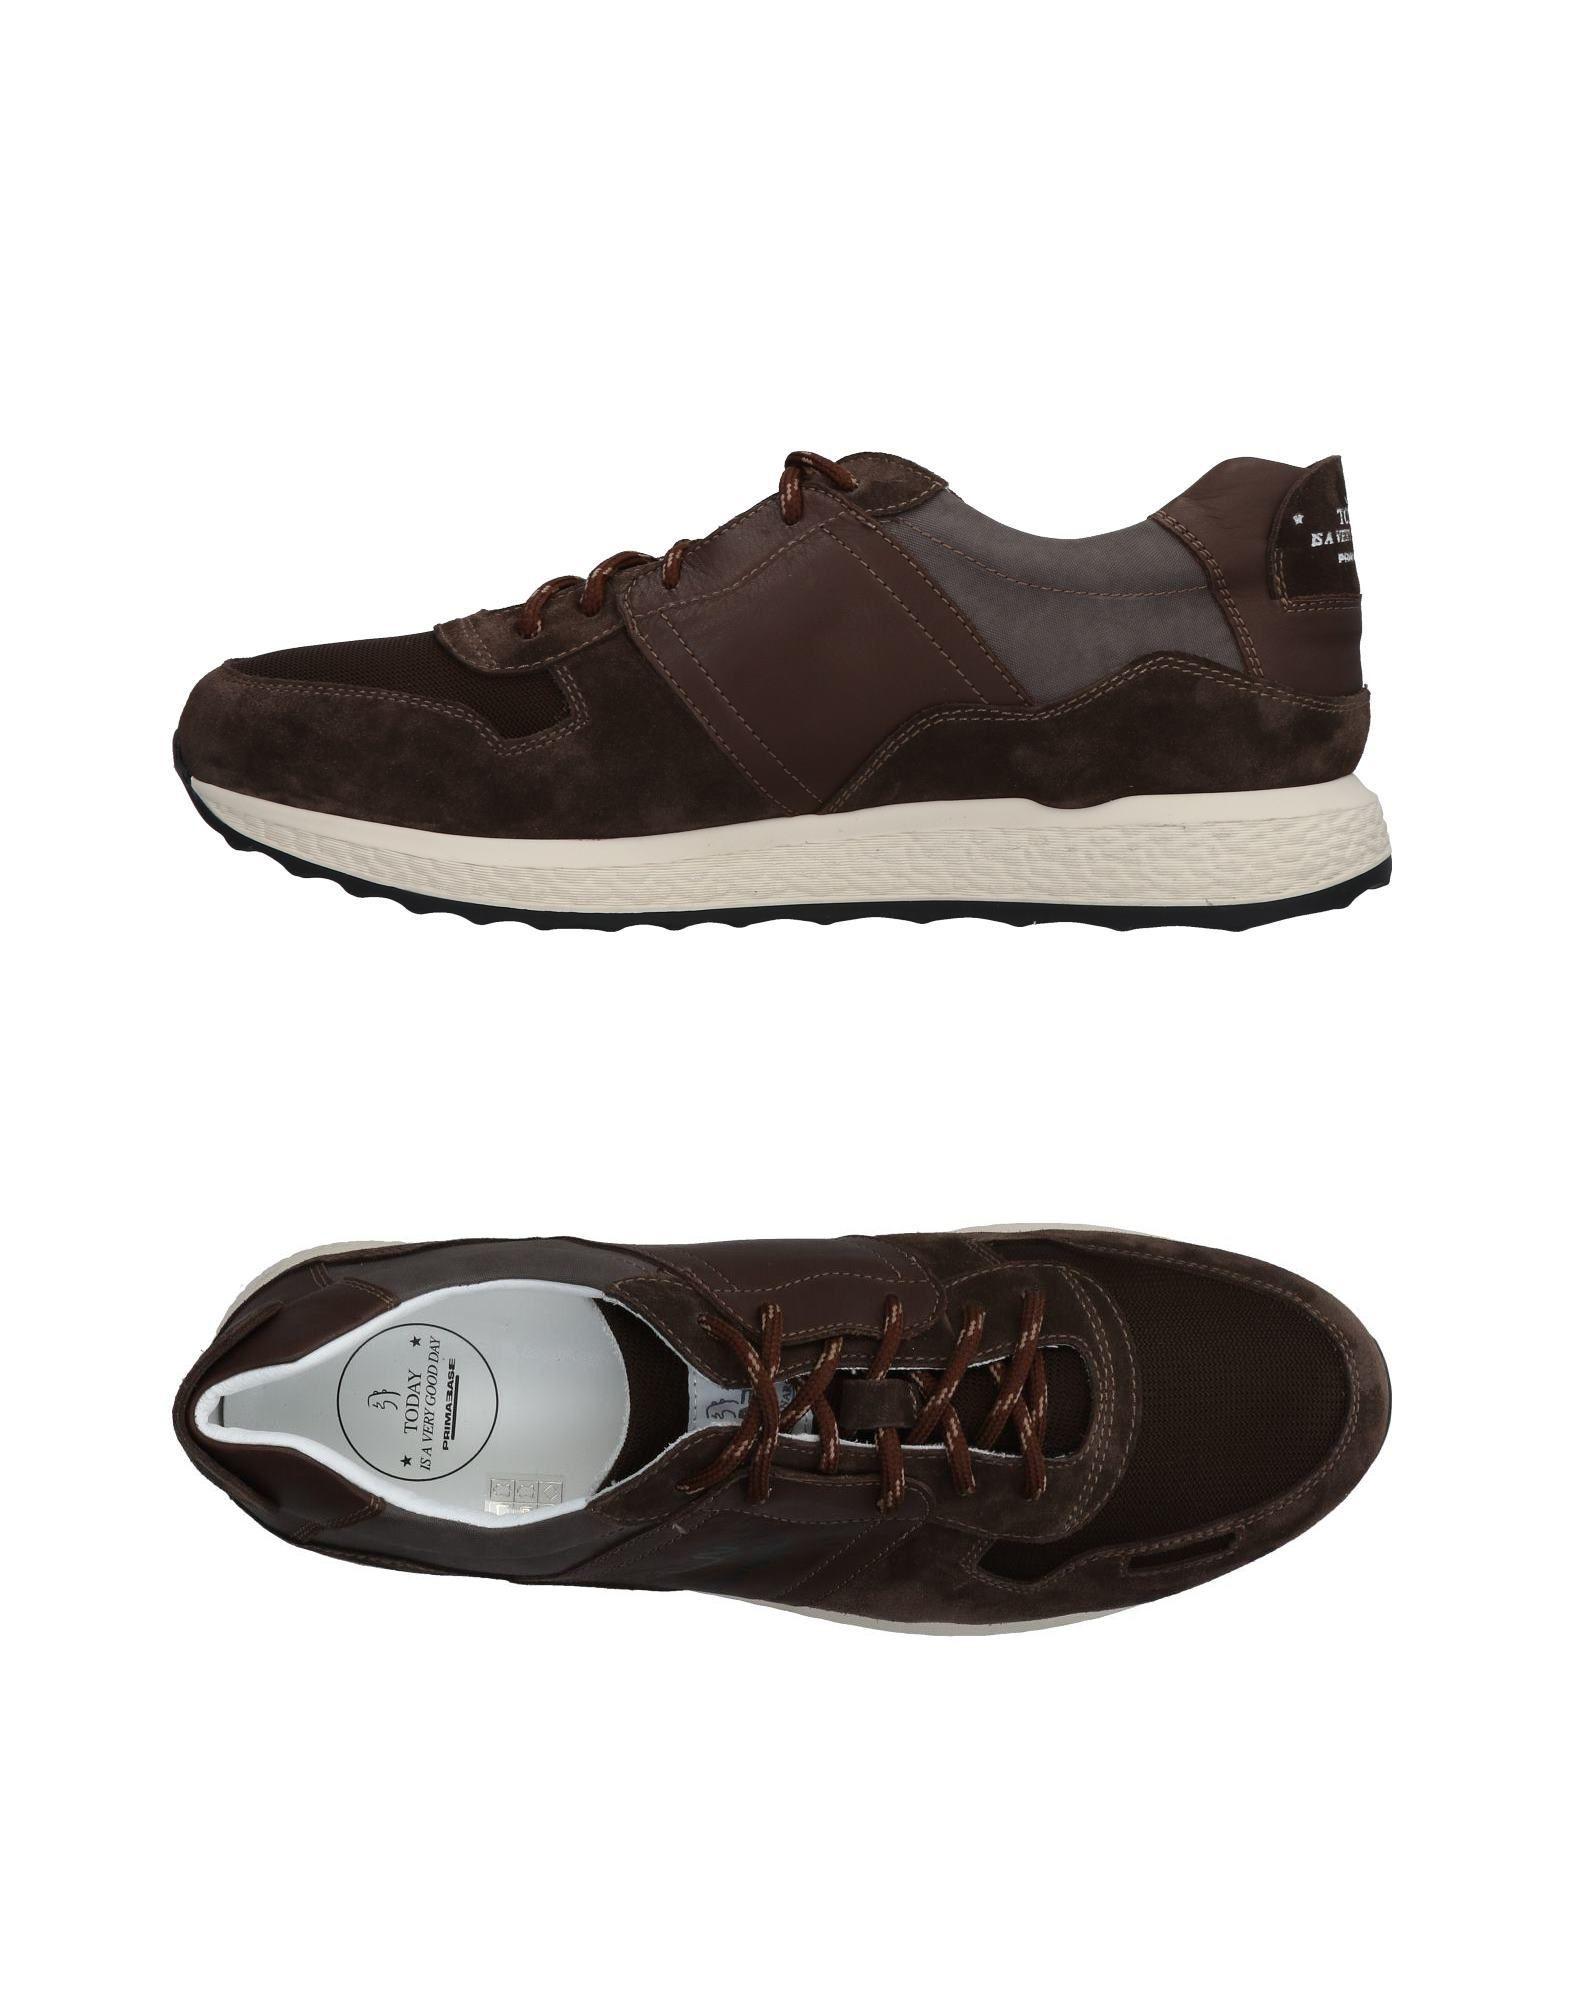 Rabatt echte Sneakers Schuhe Primabase Sneakers echte Herren  11473942QN 40d286